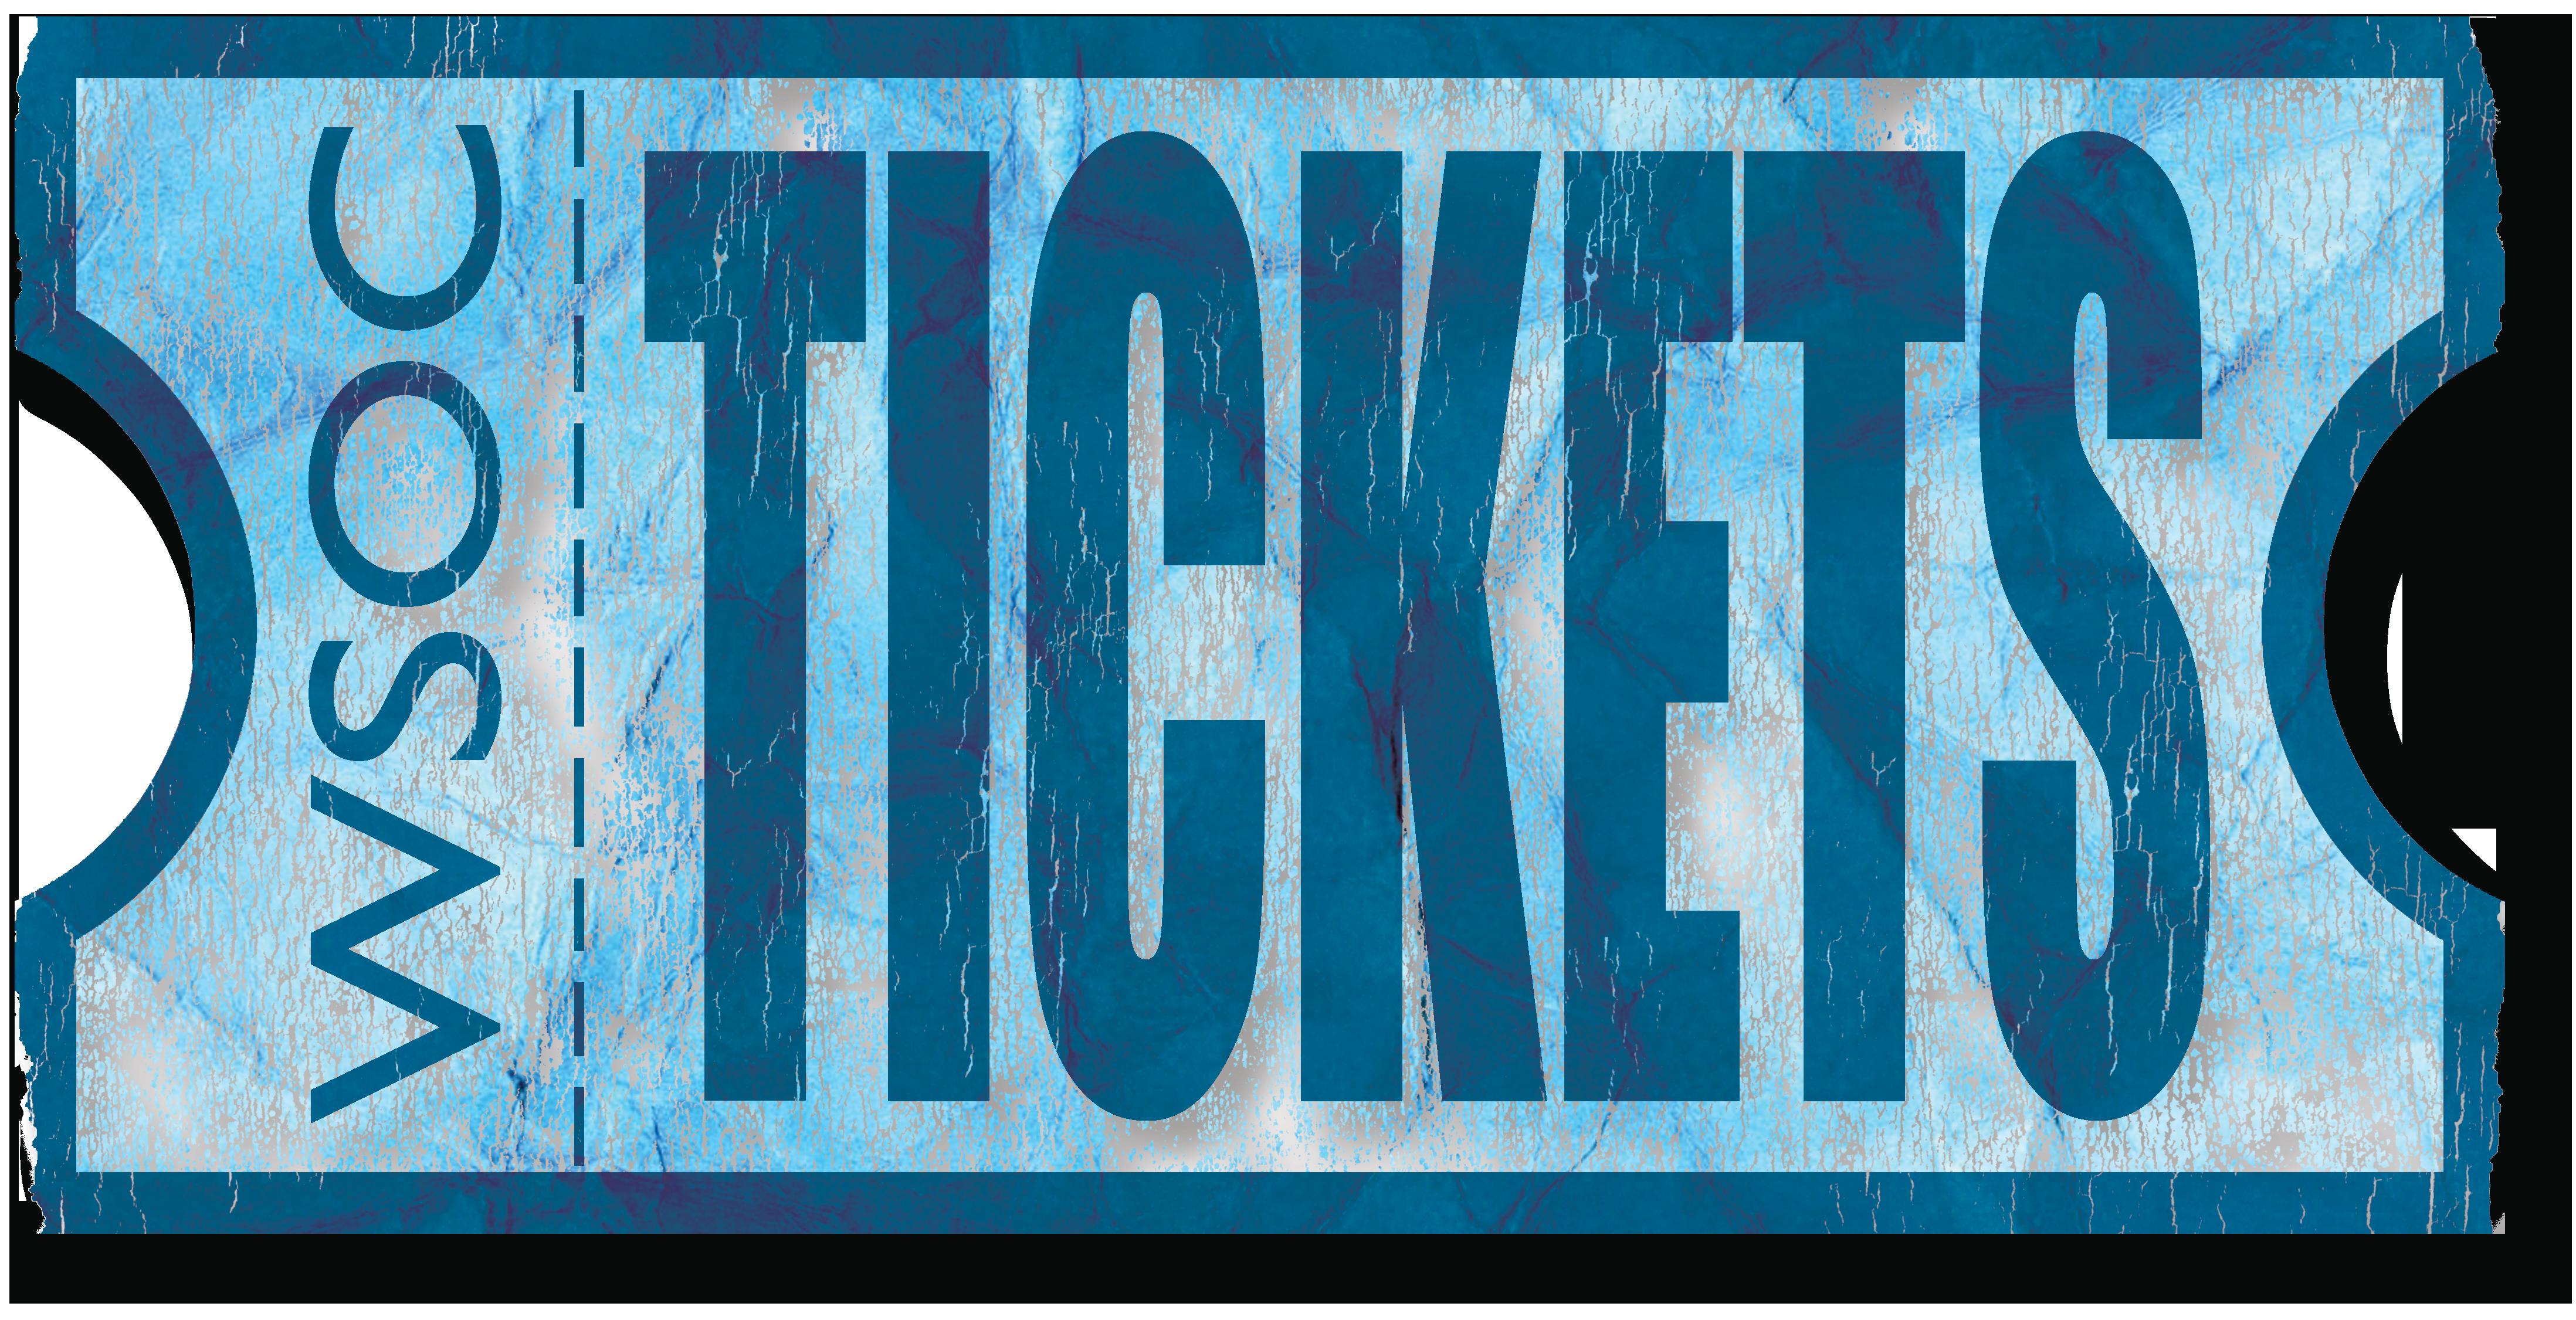 WSOC Tickets